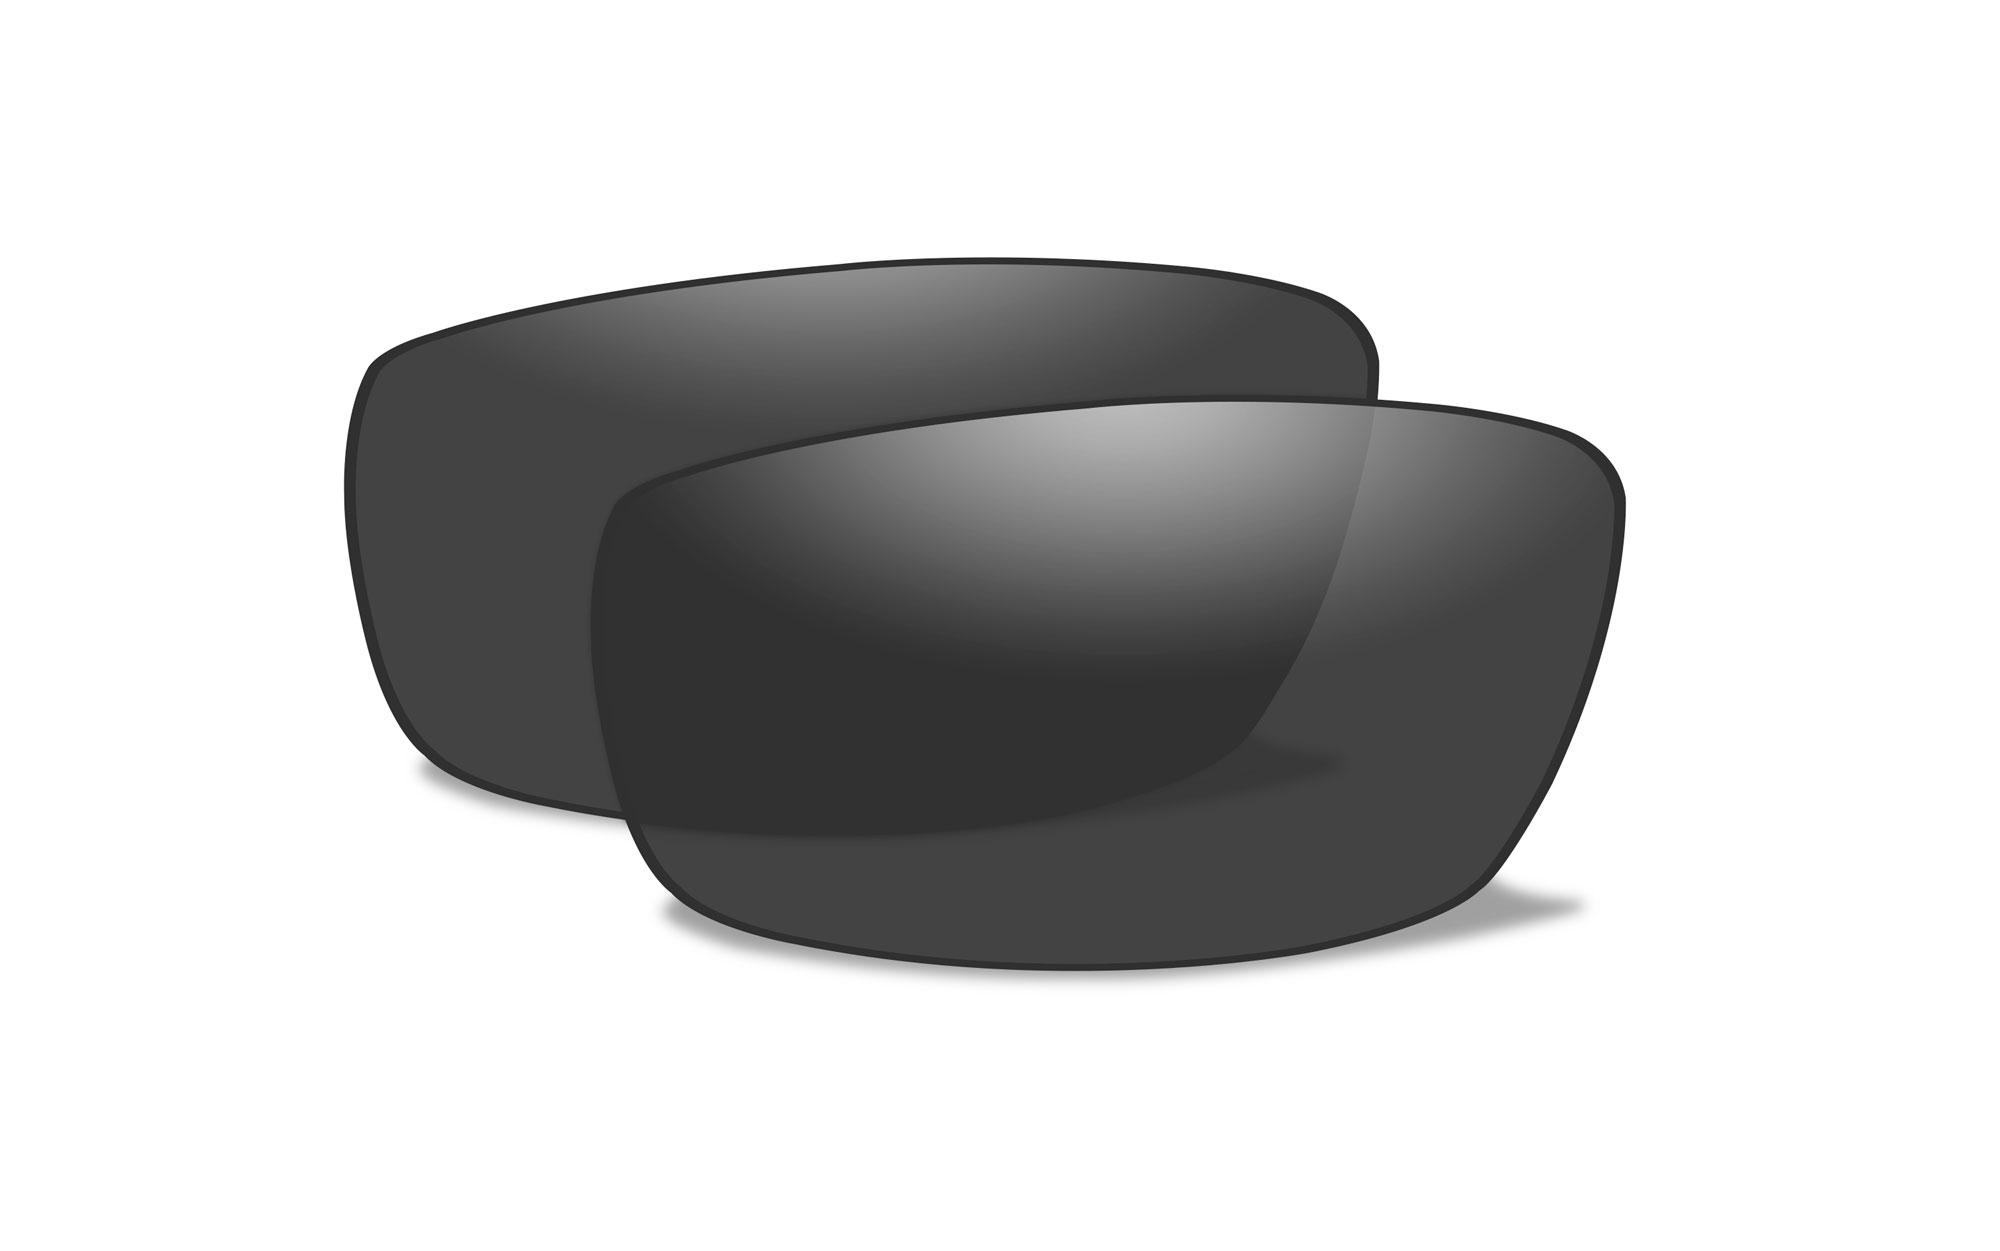 Romer 3 Lenses Image